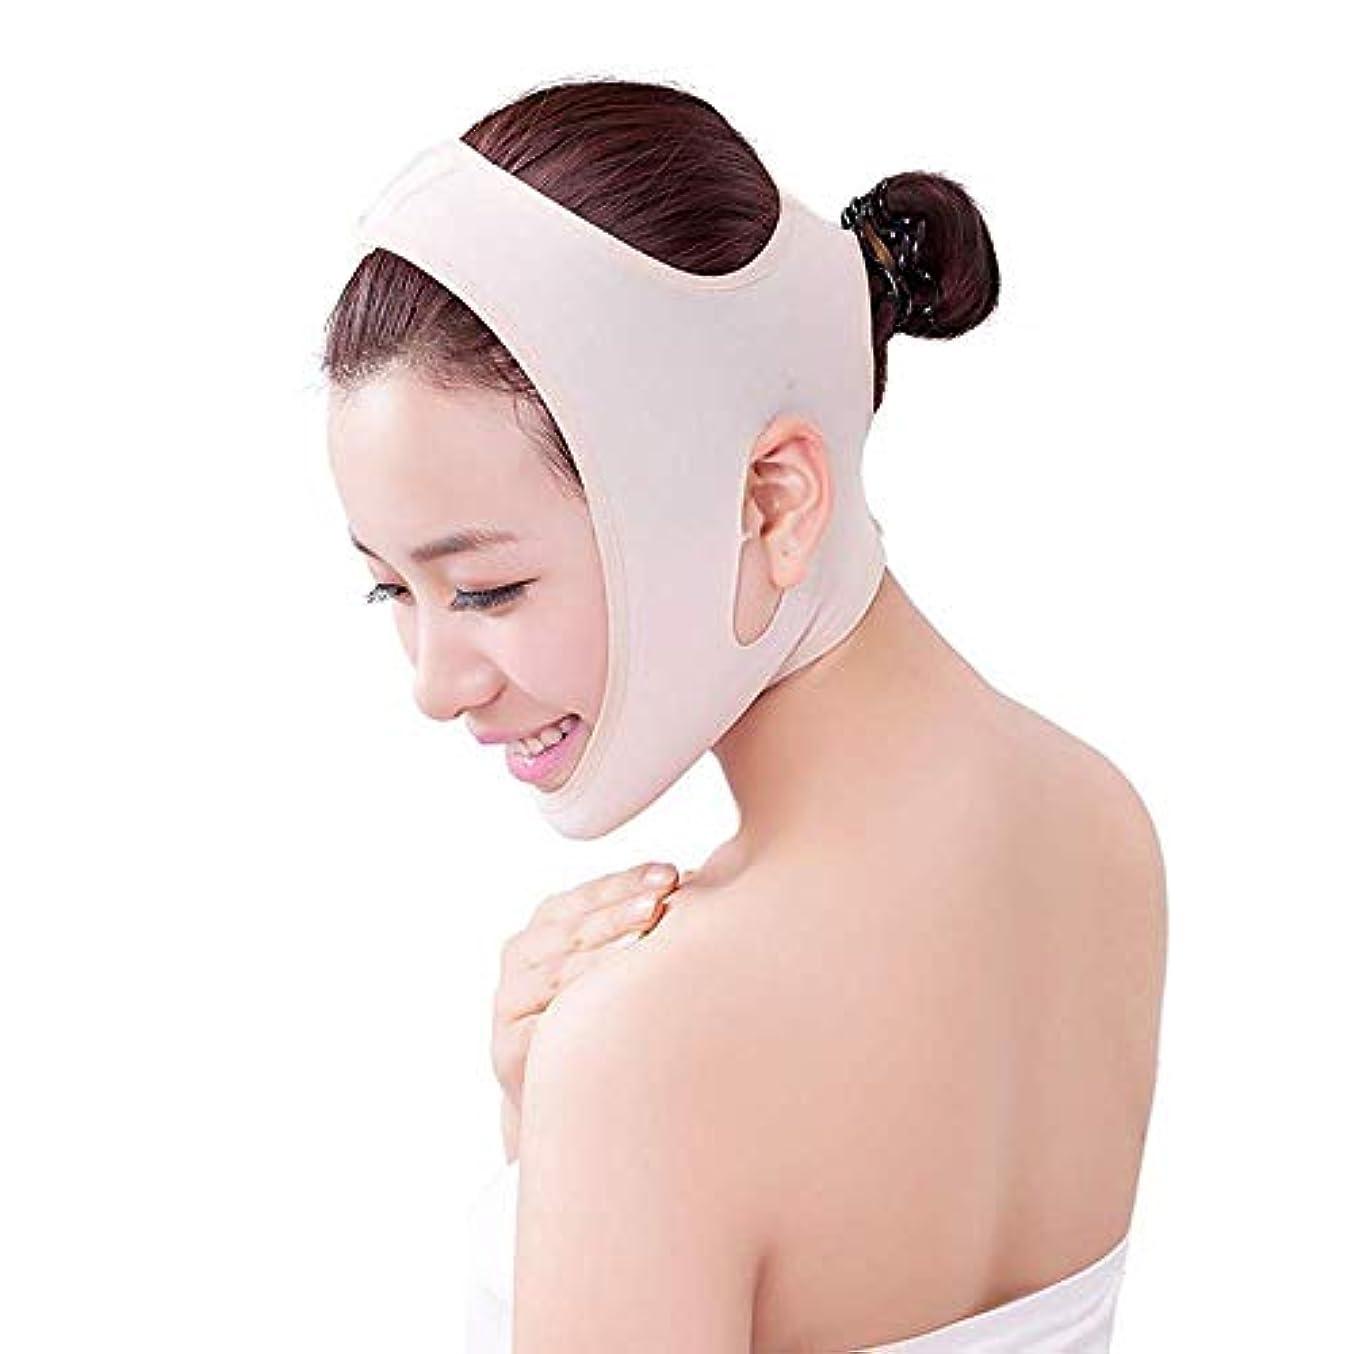 さびた不愉快通行料金薄型フェイスベルト - 男性用および女性用の包帯をフランスの顔用リフティングマスク器具に引き締める薄型フェイスVフェイス薄型ダブルチンフェイスリフティングベルト(サイズ:M),L